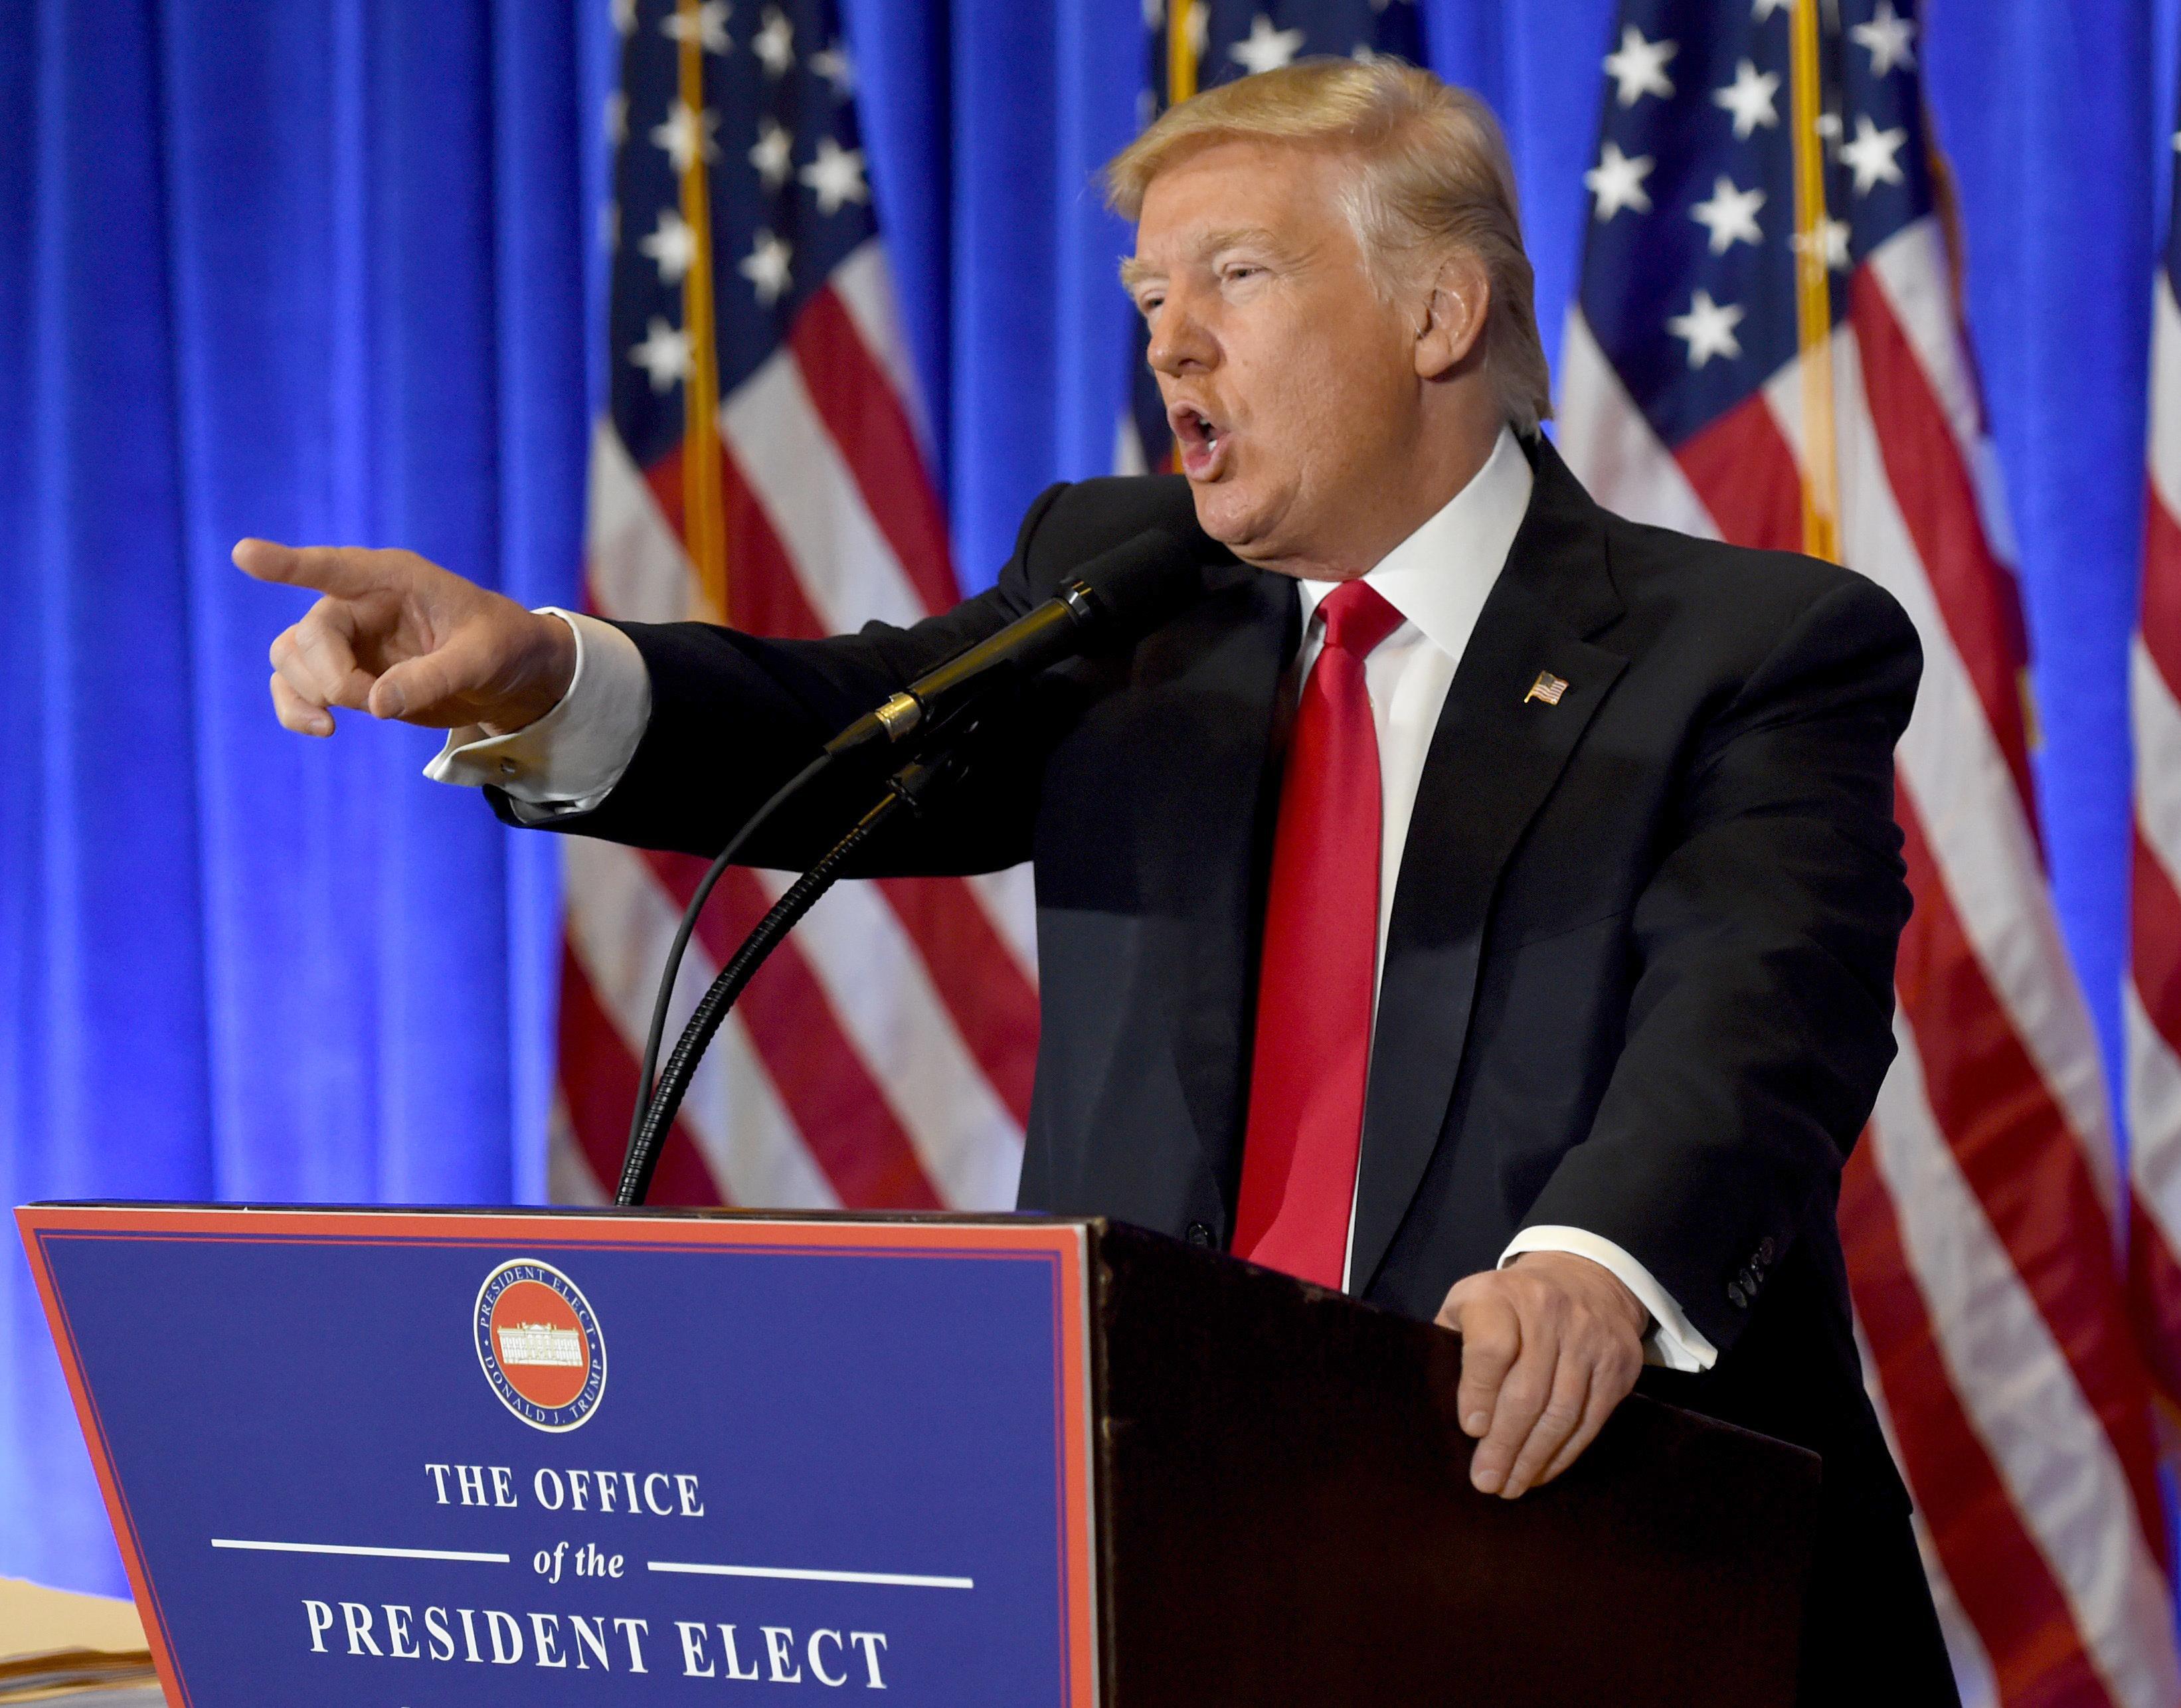 Trump nem volt hajlandó válaszolni a CNN újságírójának, mert szerinte kamuhíreket közölnek